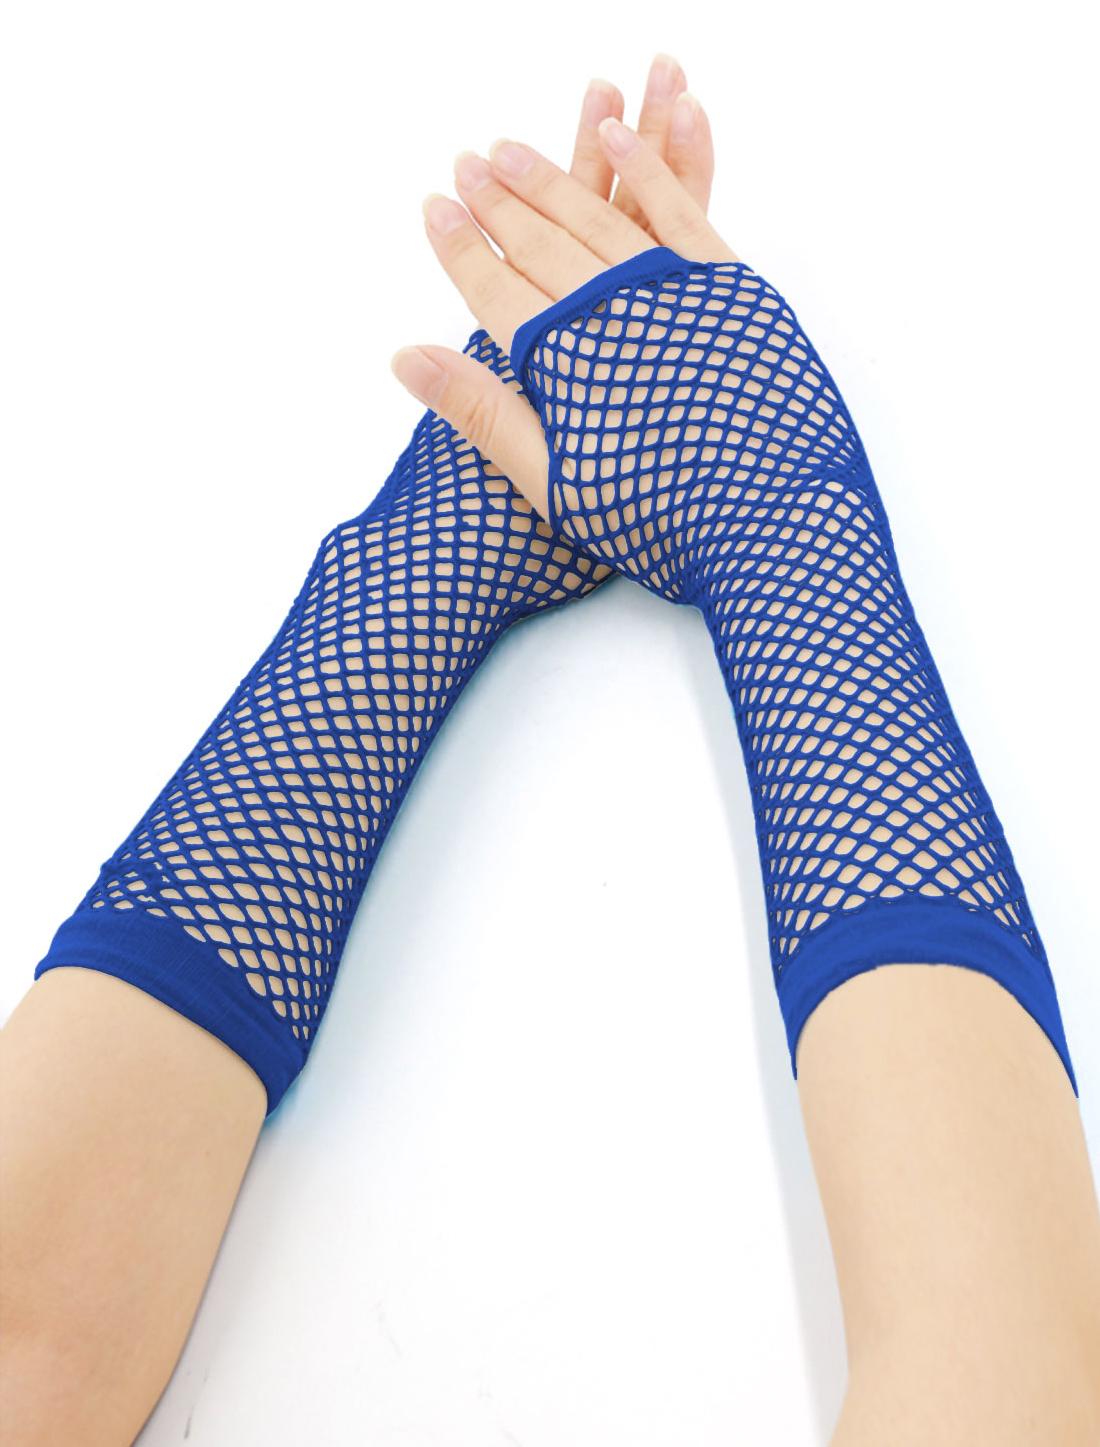 Women Elbow Length Fingerless Fishnet Gloves 2 Pairs Royal Blue